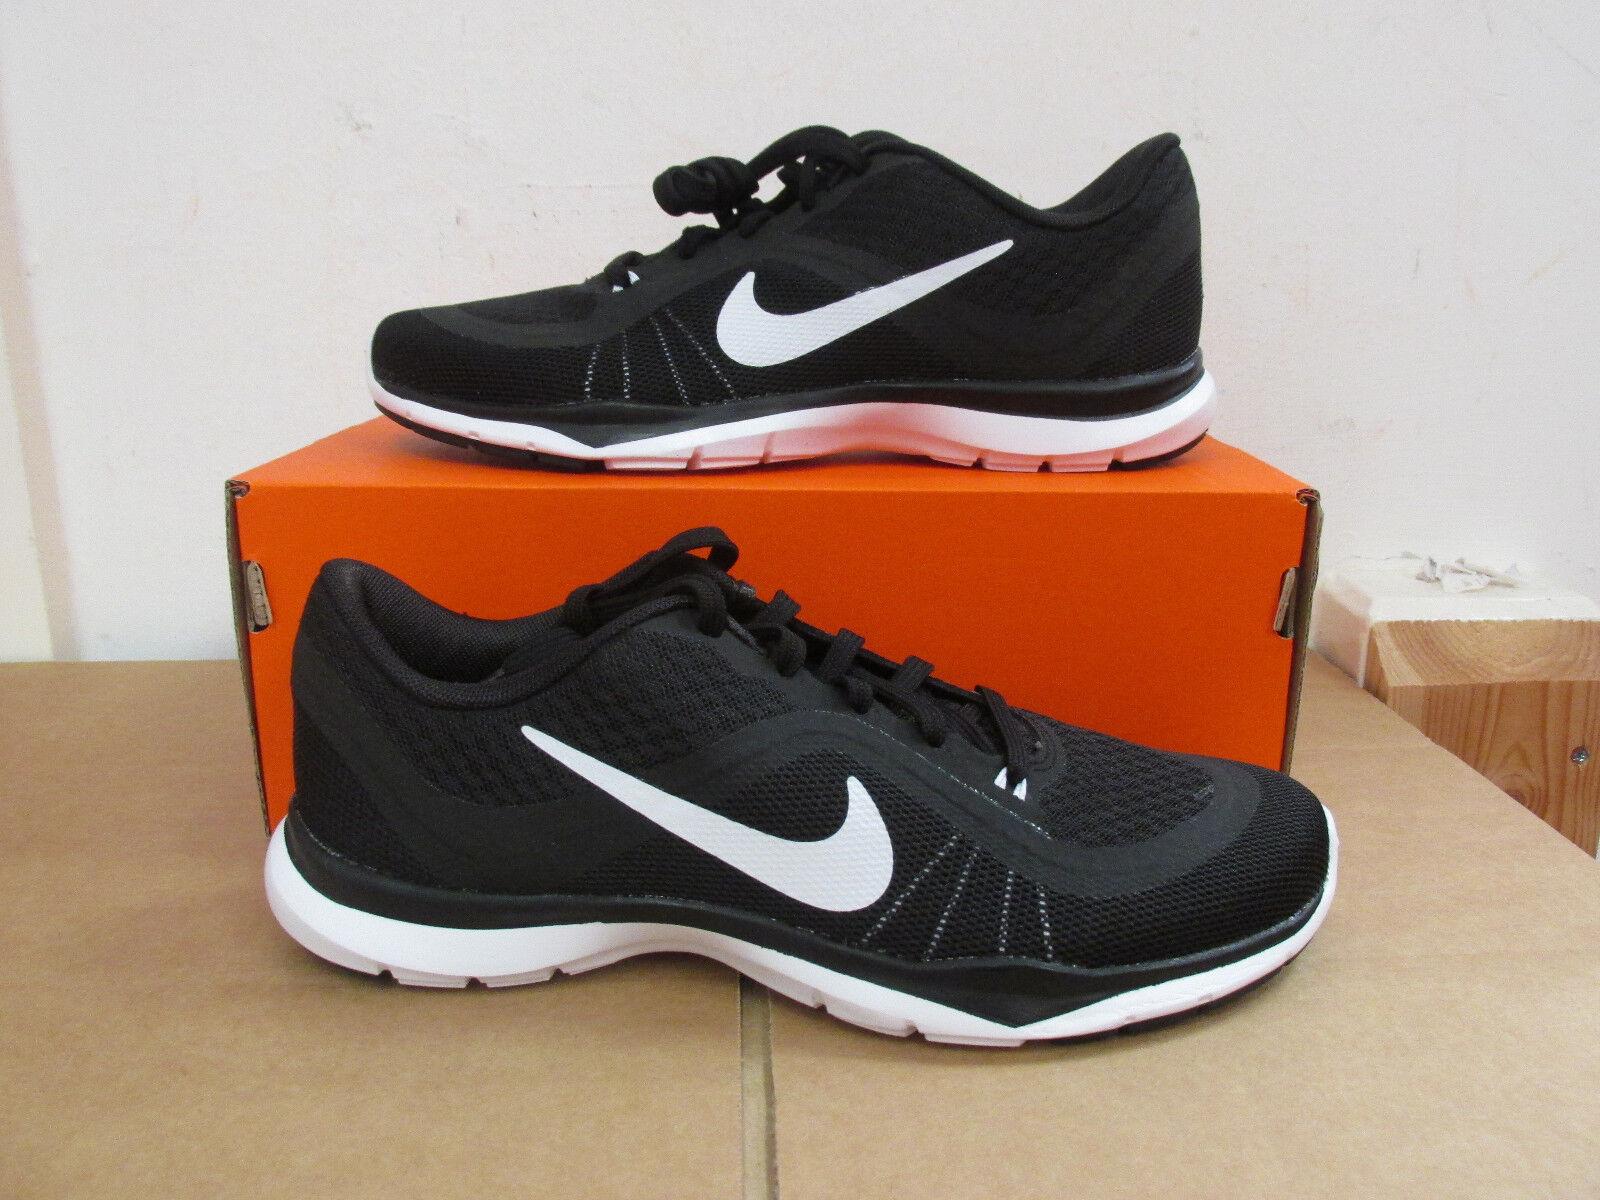 separation shoes d4191 7d959 Nike Flexible Baskets 6 Baskets 831217 001 Baskets Chaussures Enlèvement